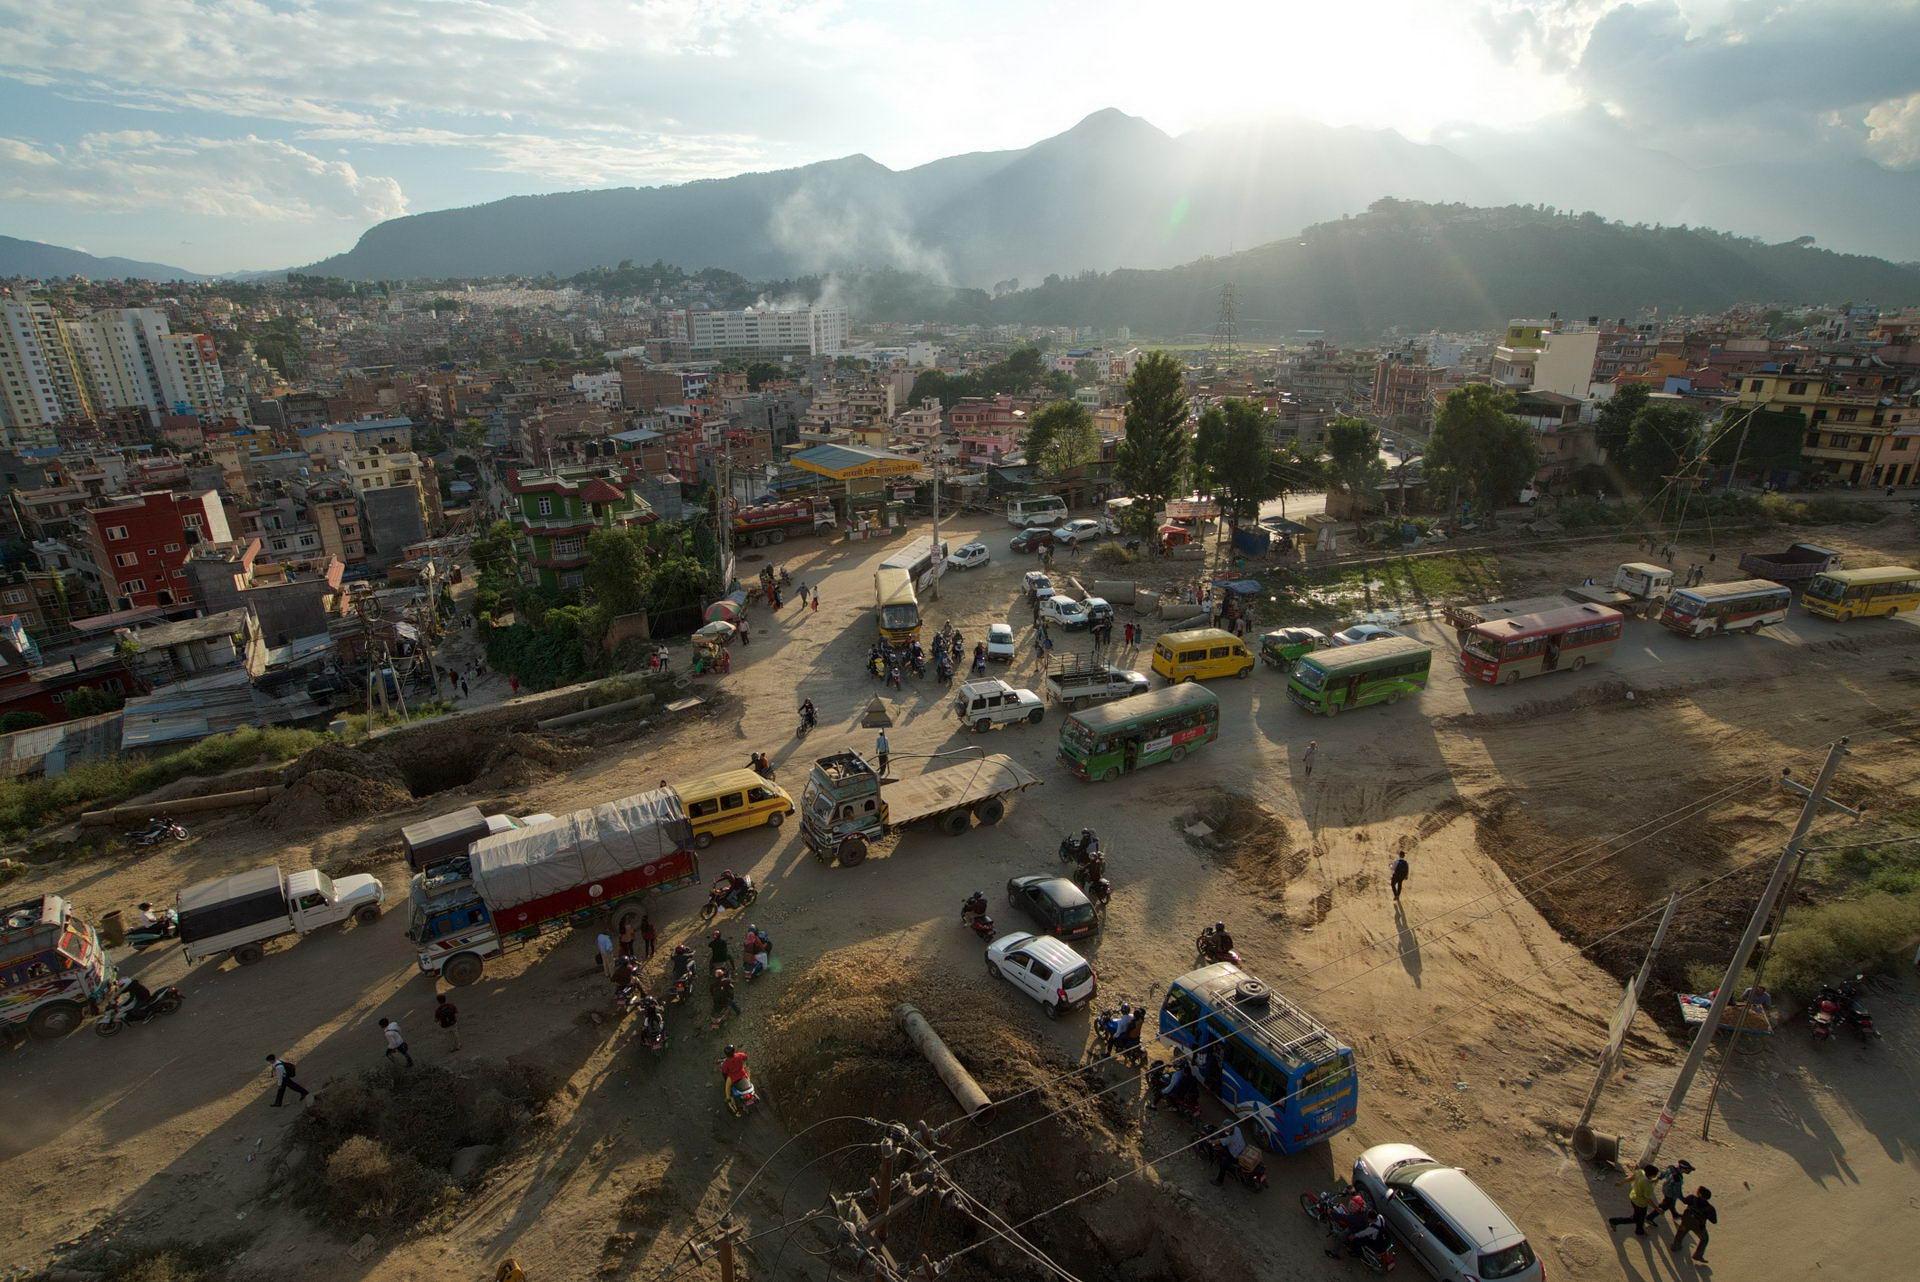 1529671866_kathmandu_commuter_hell_002582_004